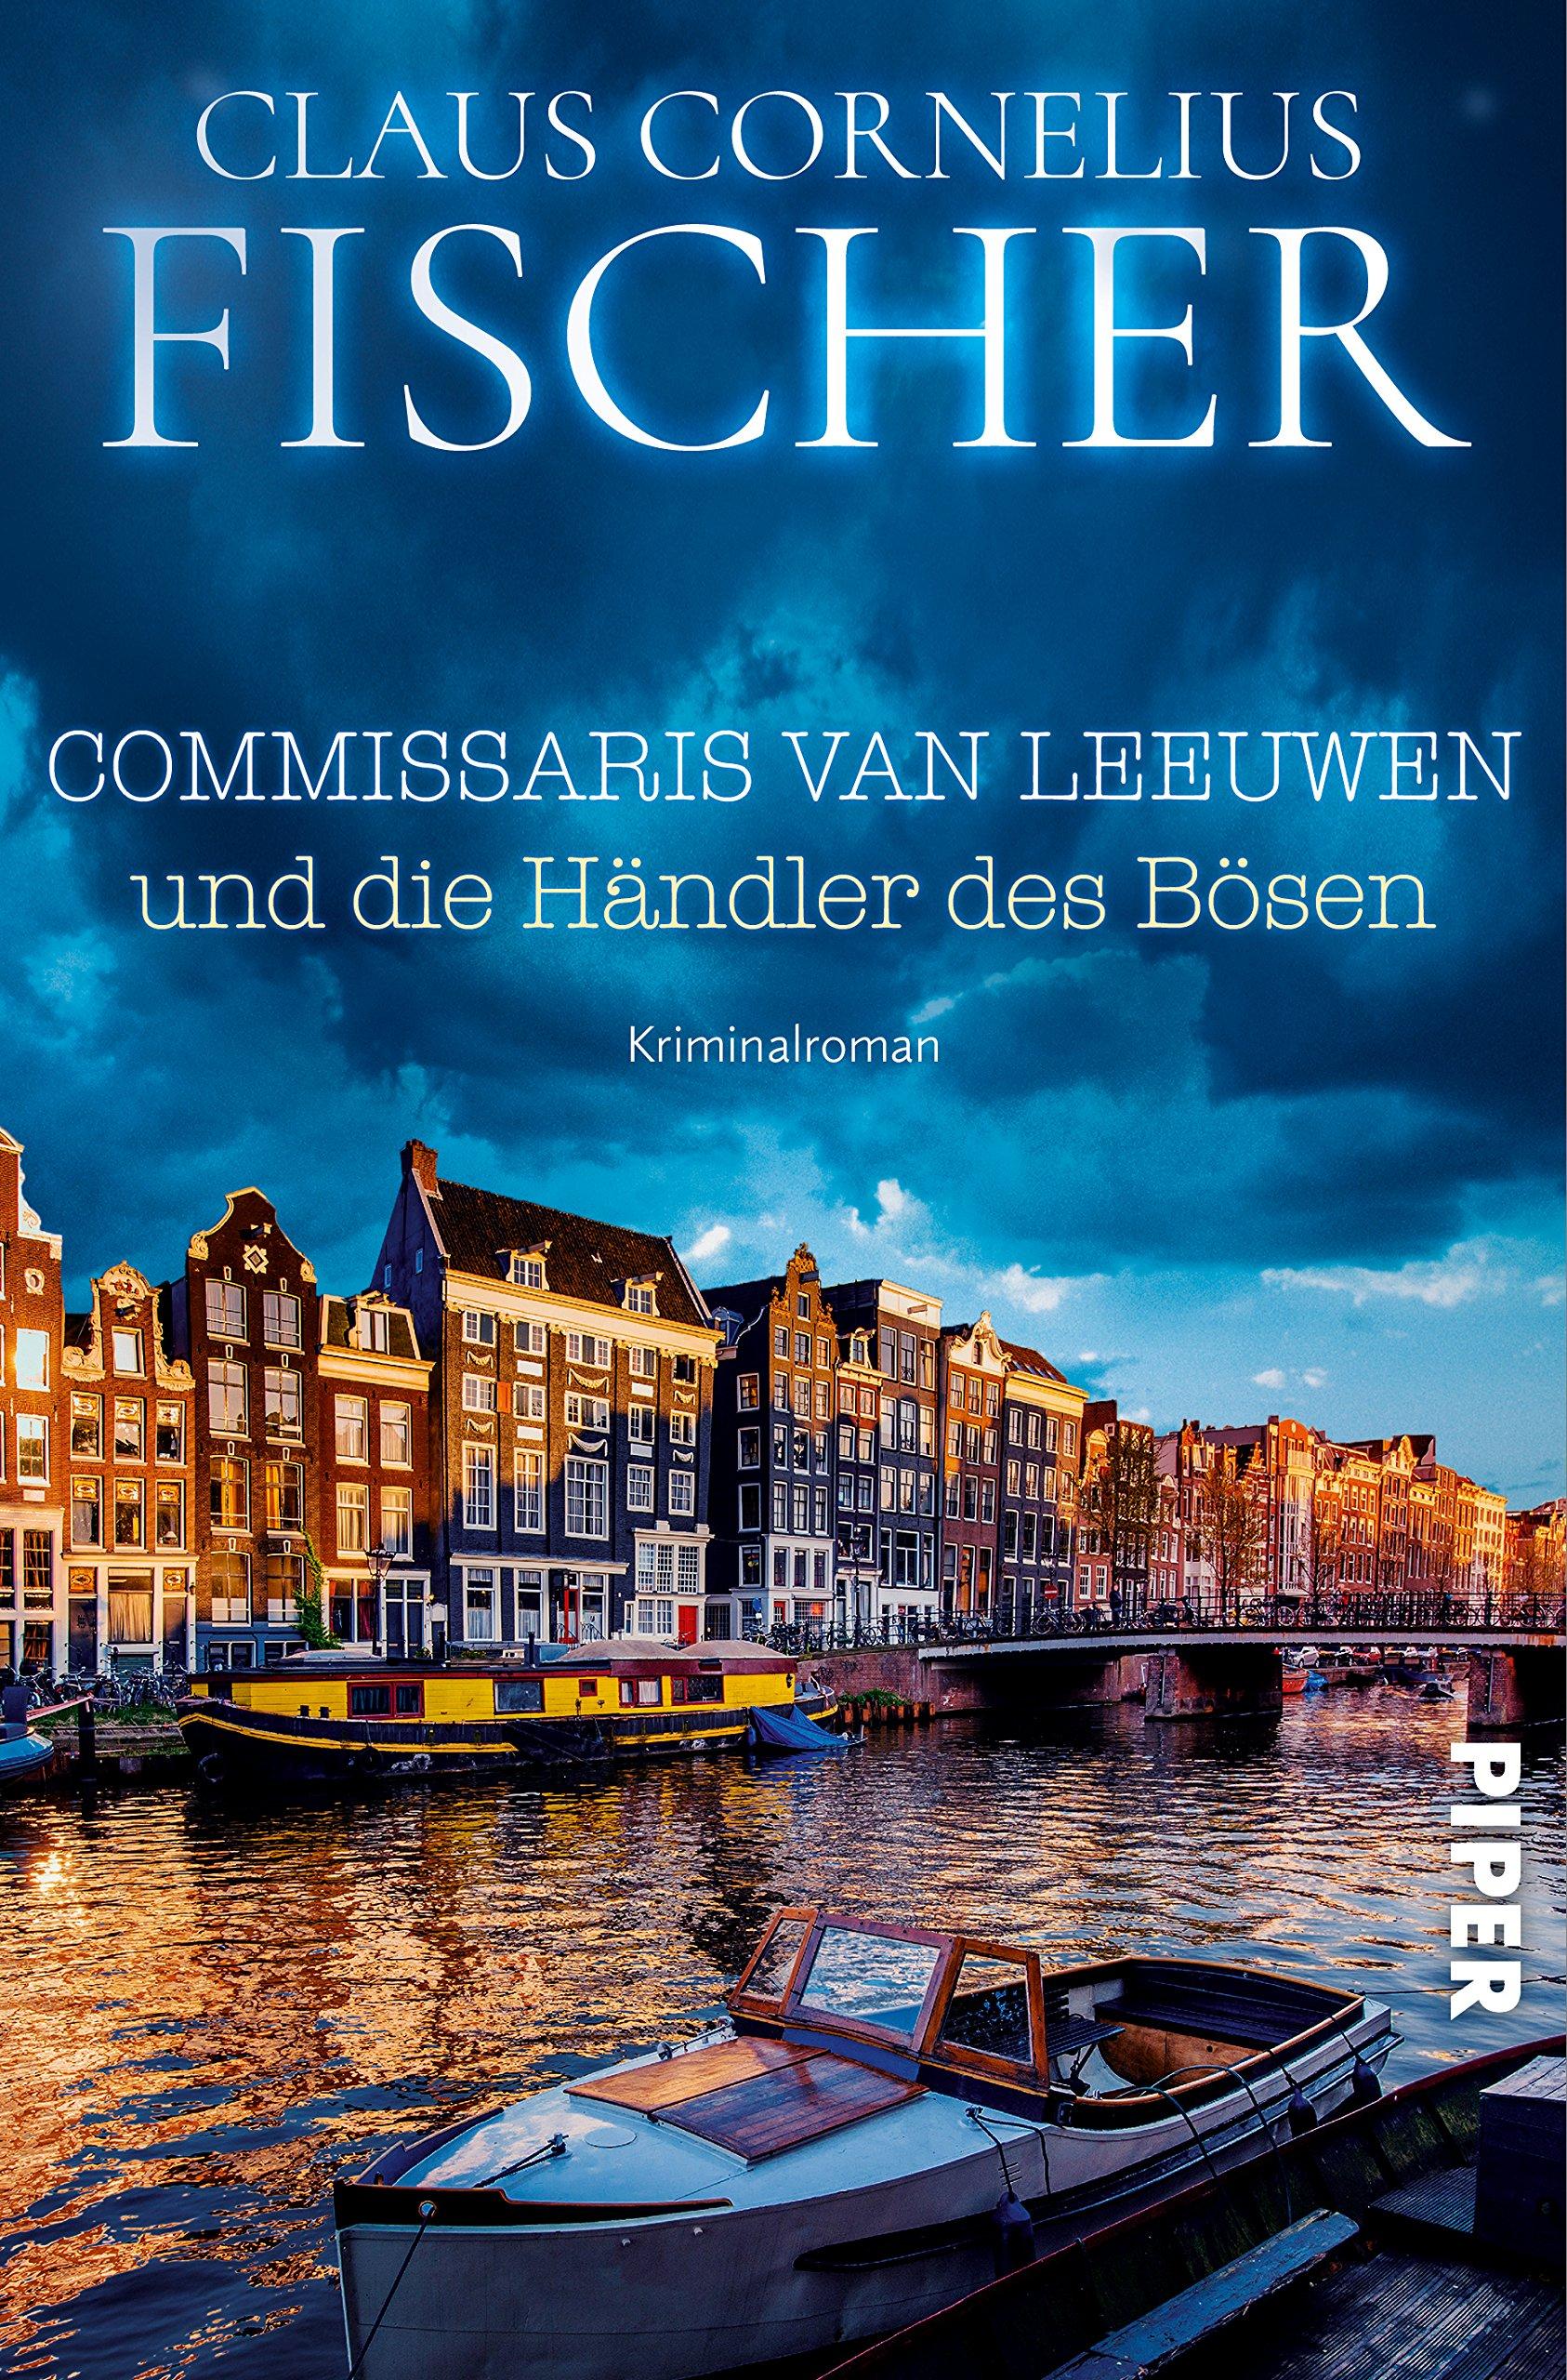 Commissaris van Leeuwen und die Händler des Bösen: Kriminalroman